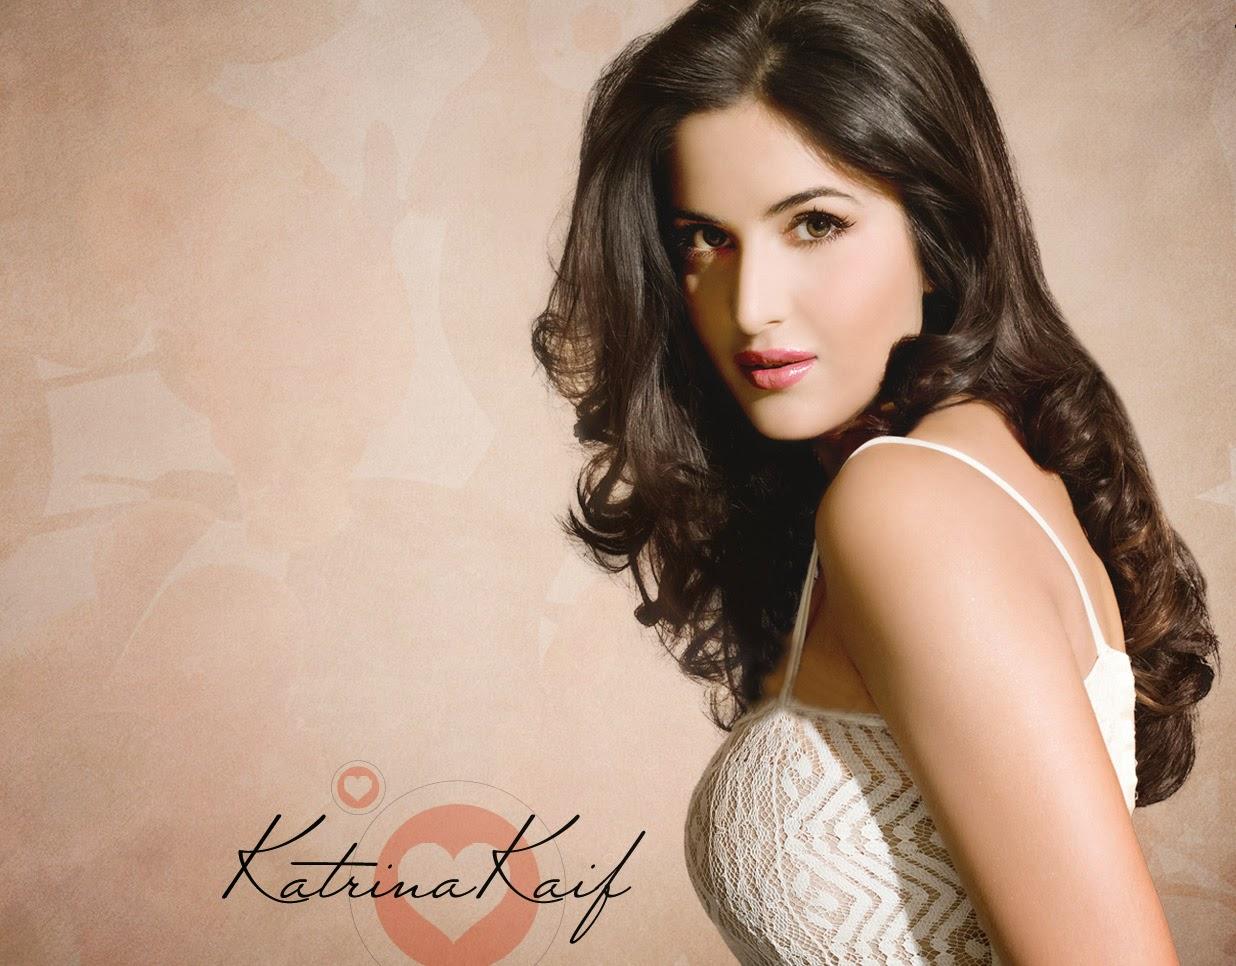 beautiful katrina kaif hd wallpaper - beautiful desktop hd